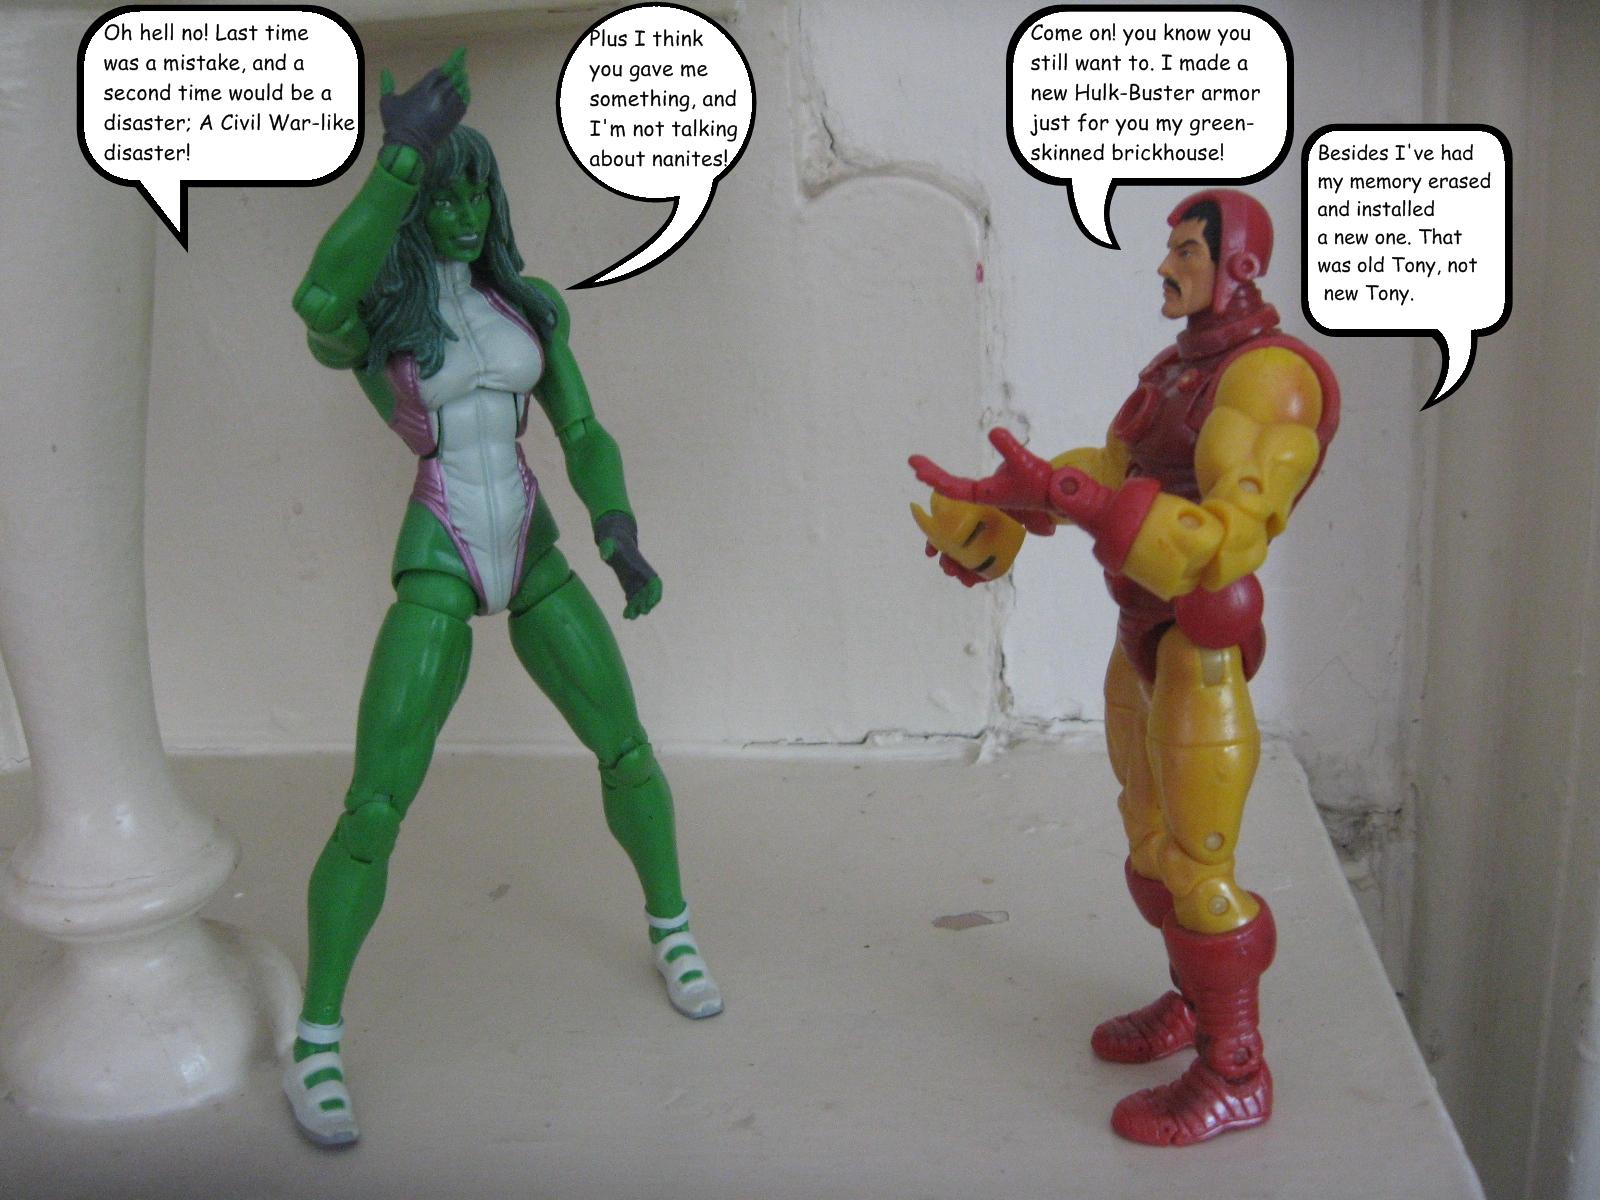 She-Hulk - Relationships